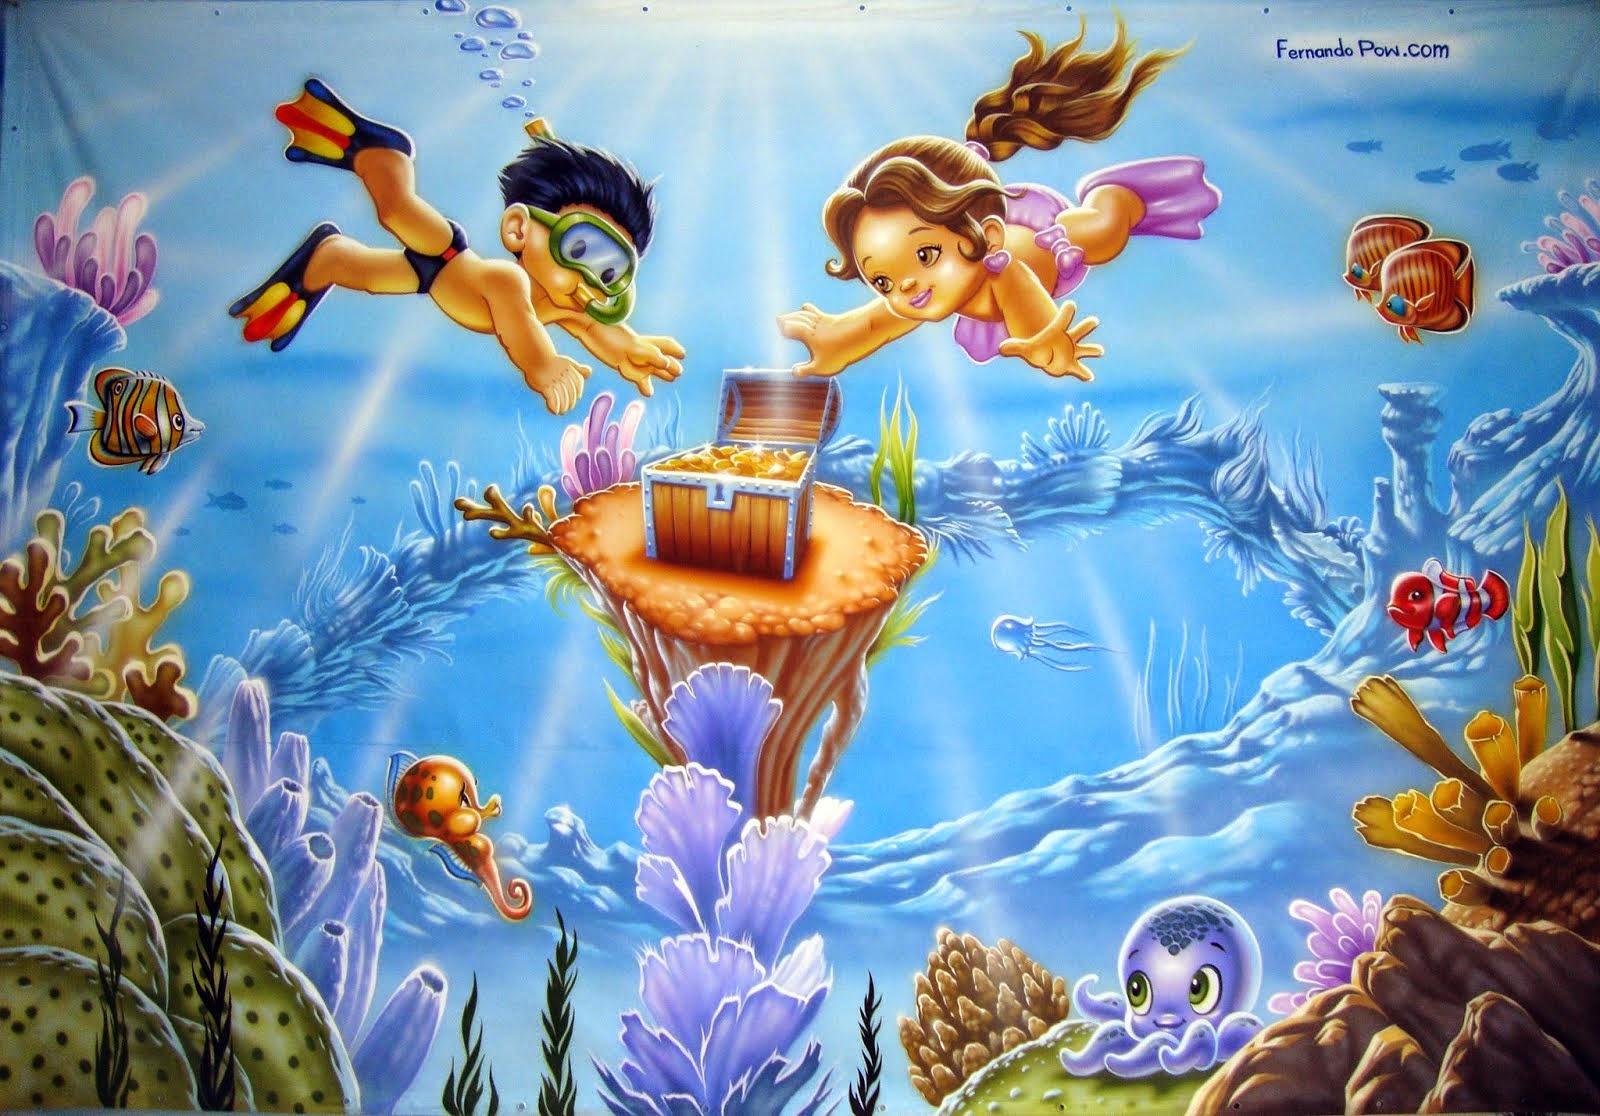 Detalhe da pintura do Casal de Mergulhadores.